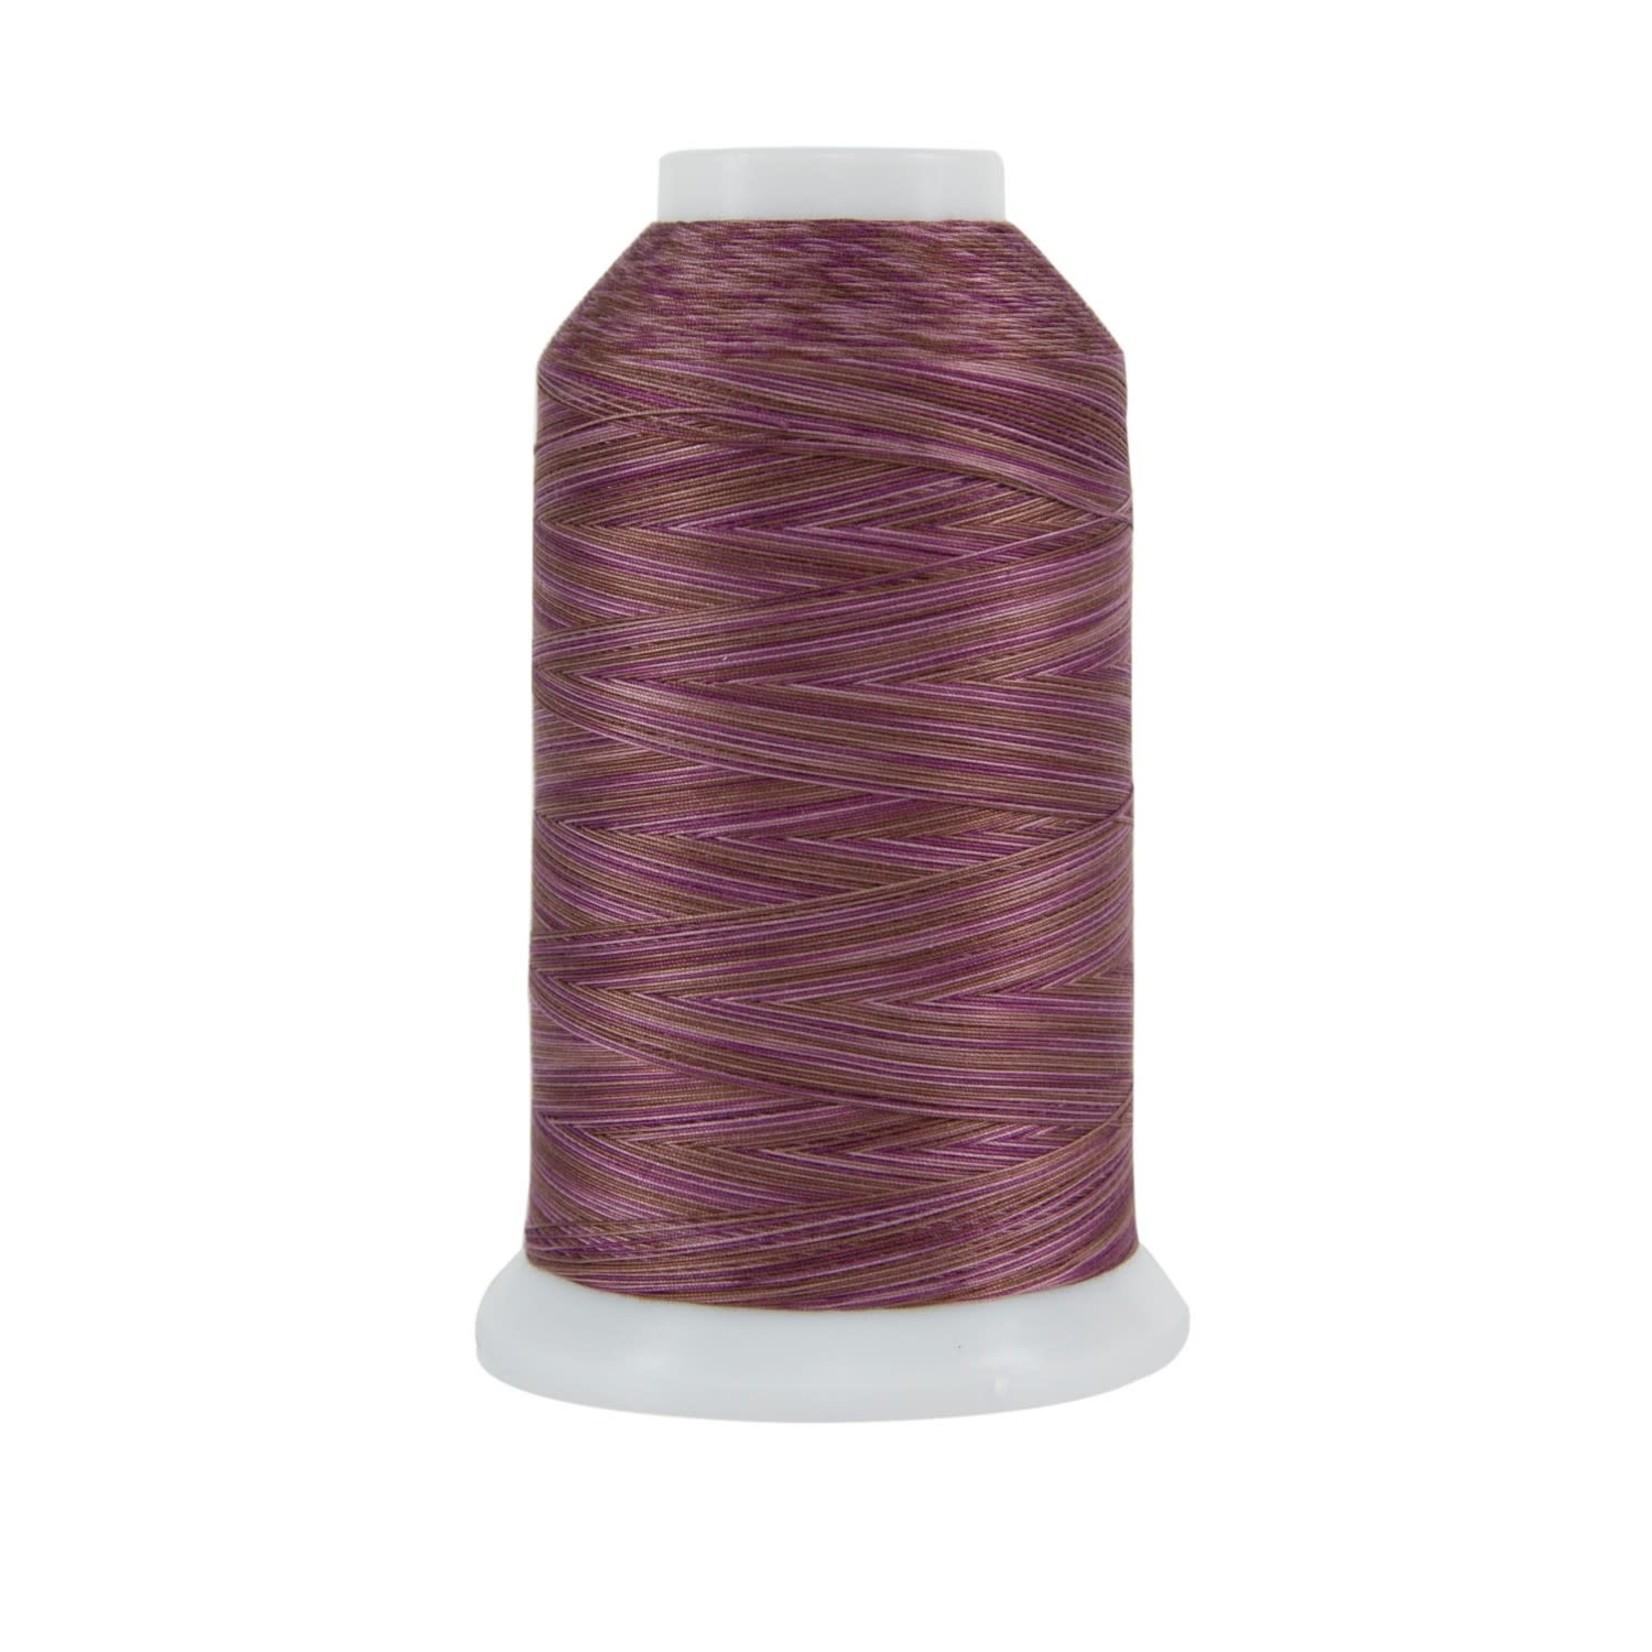 Superior Threads King Tut - #40 - 1828 m - 0949 Brandywine